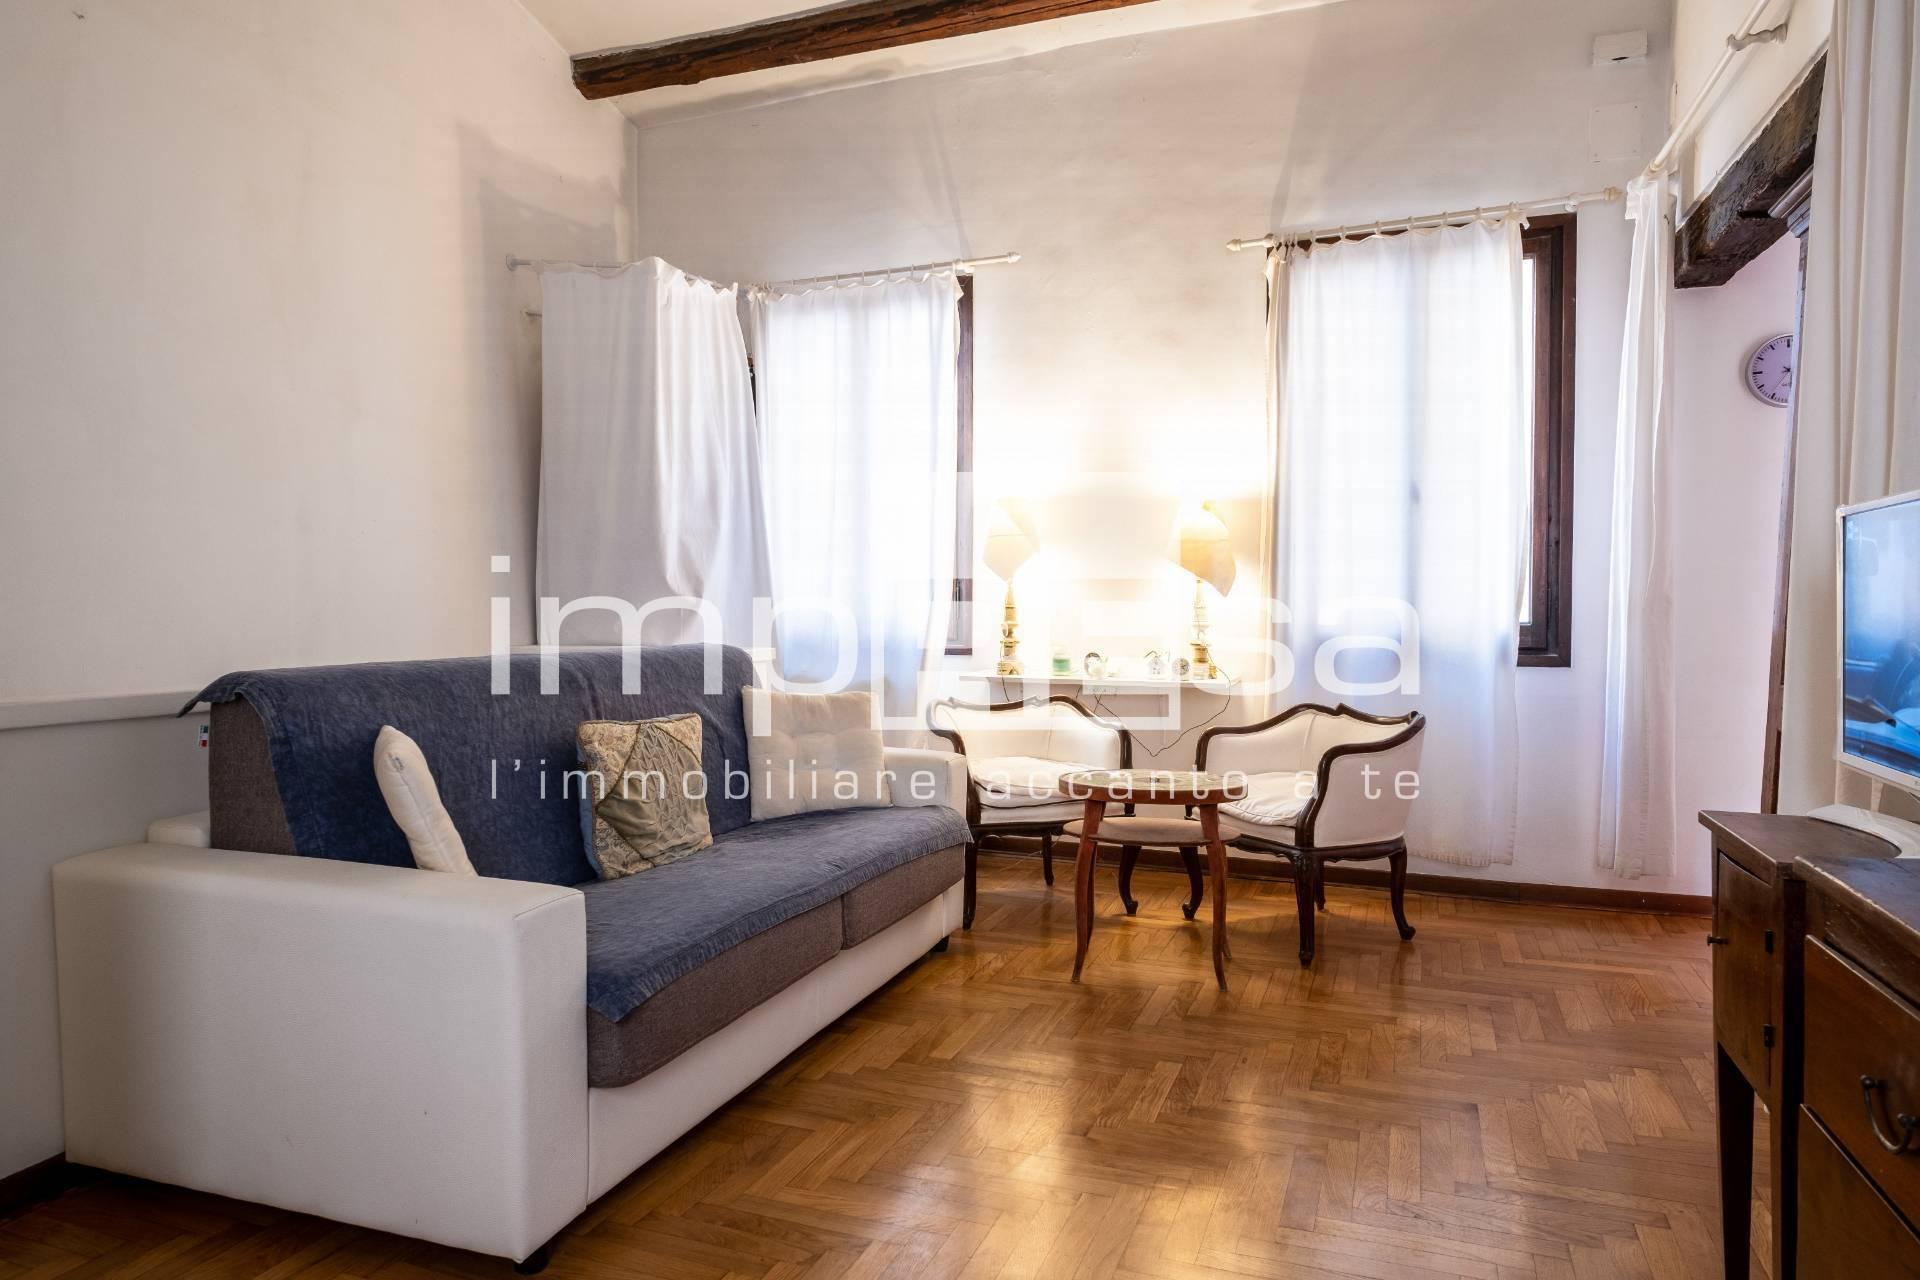 Appartamento in vendita a Venezia, 6 locali, prezzo € 559.000   PortaleAgenzieImmobiliari.it